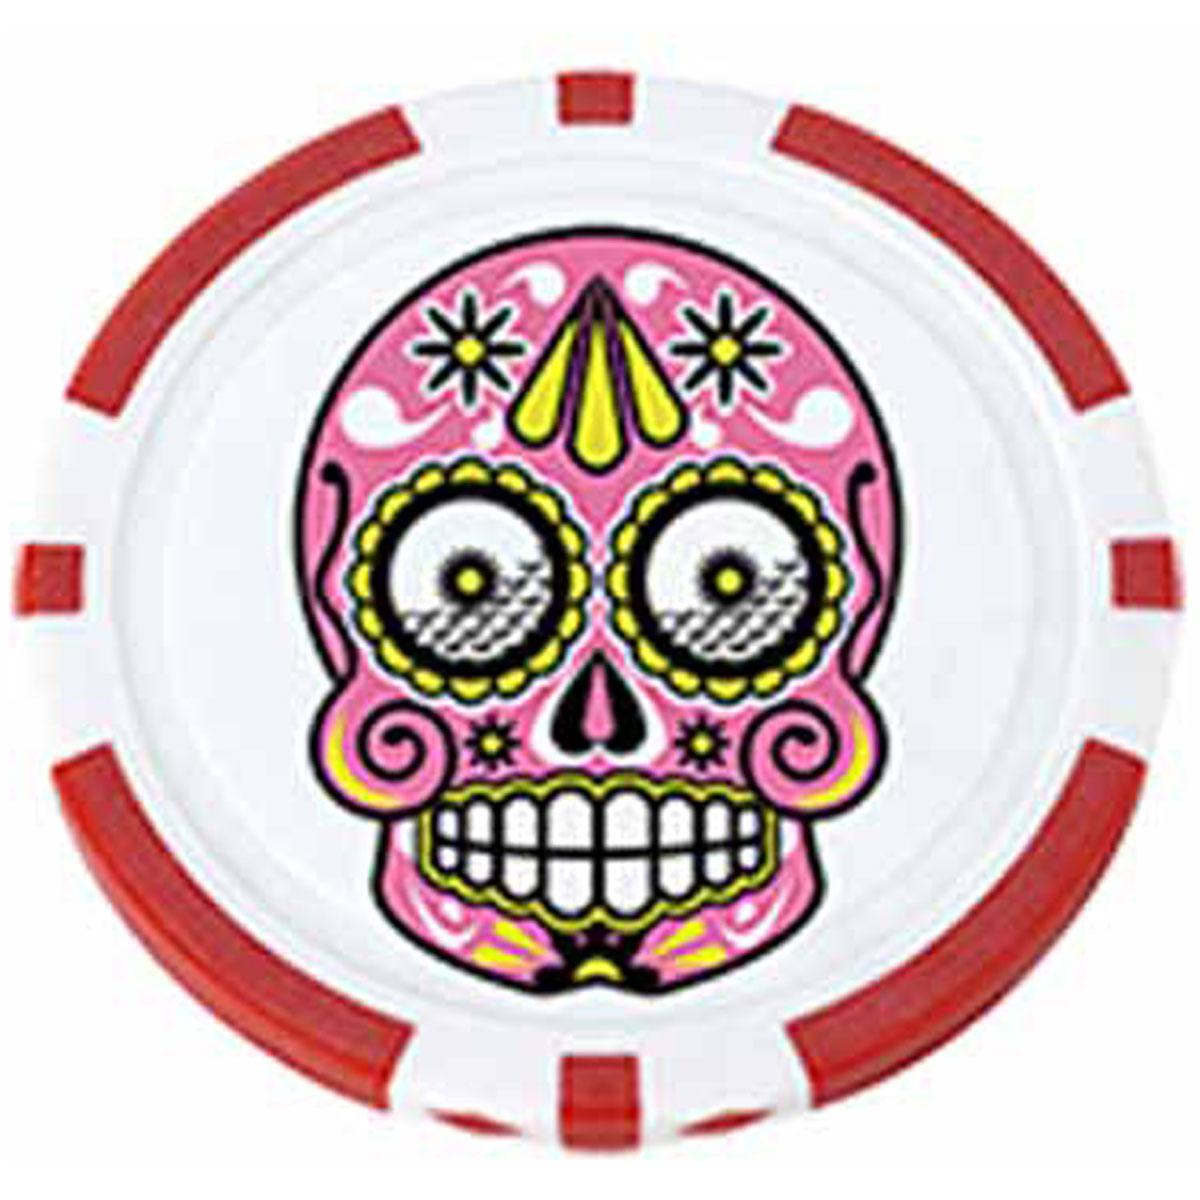 ポーカーチップマーカー